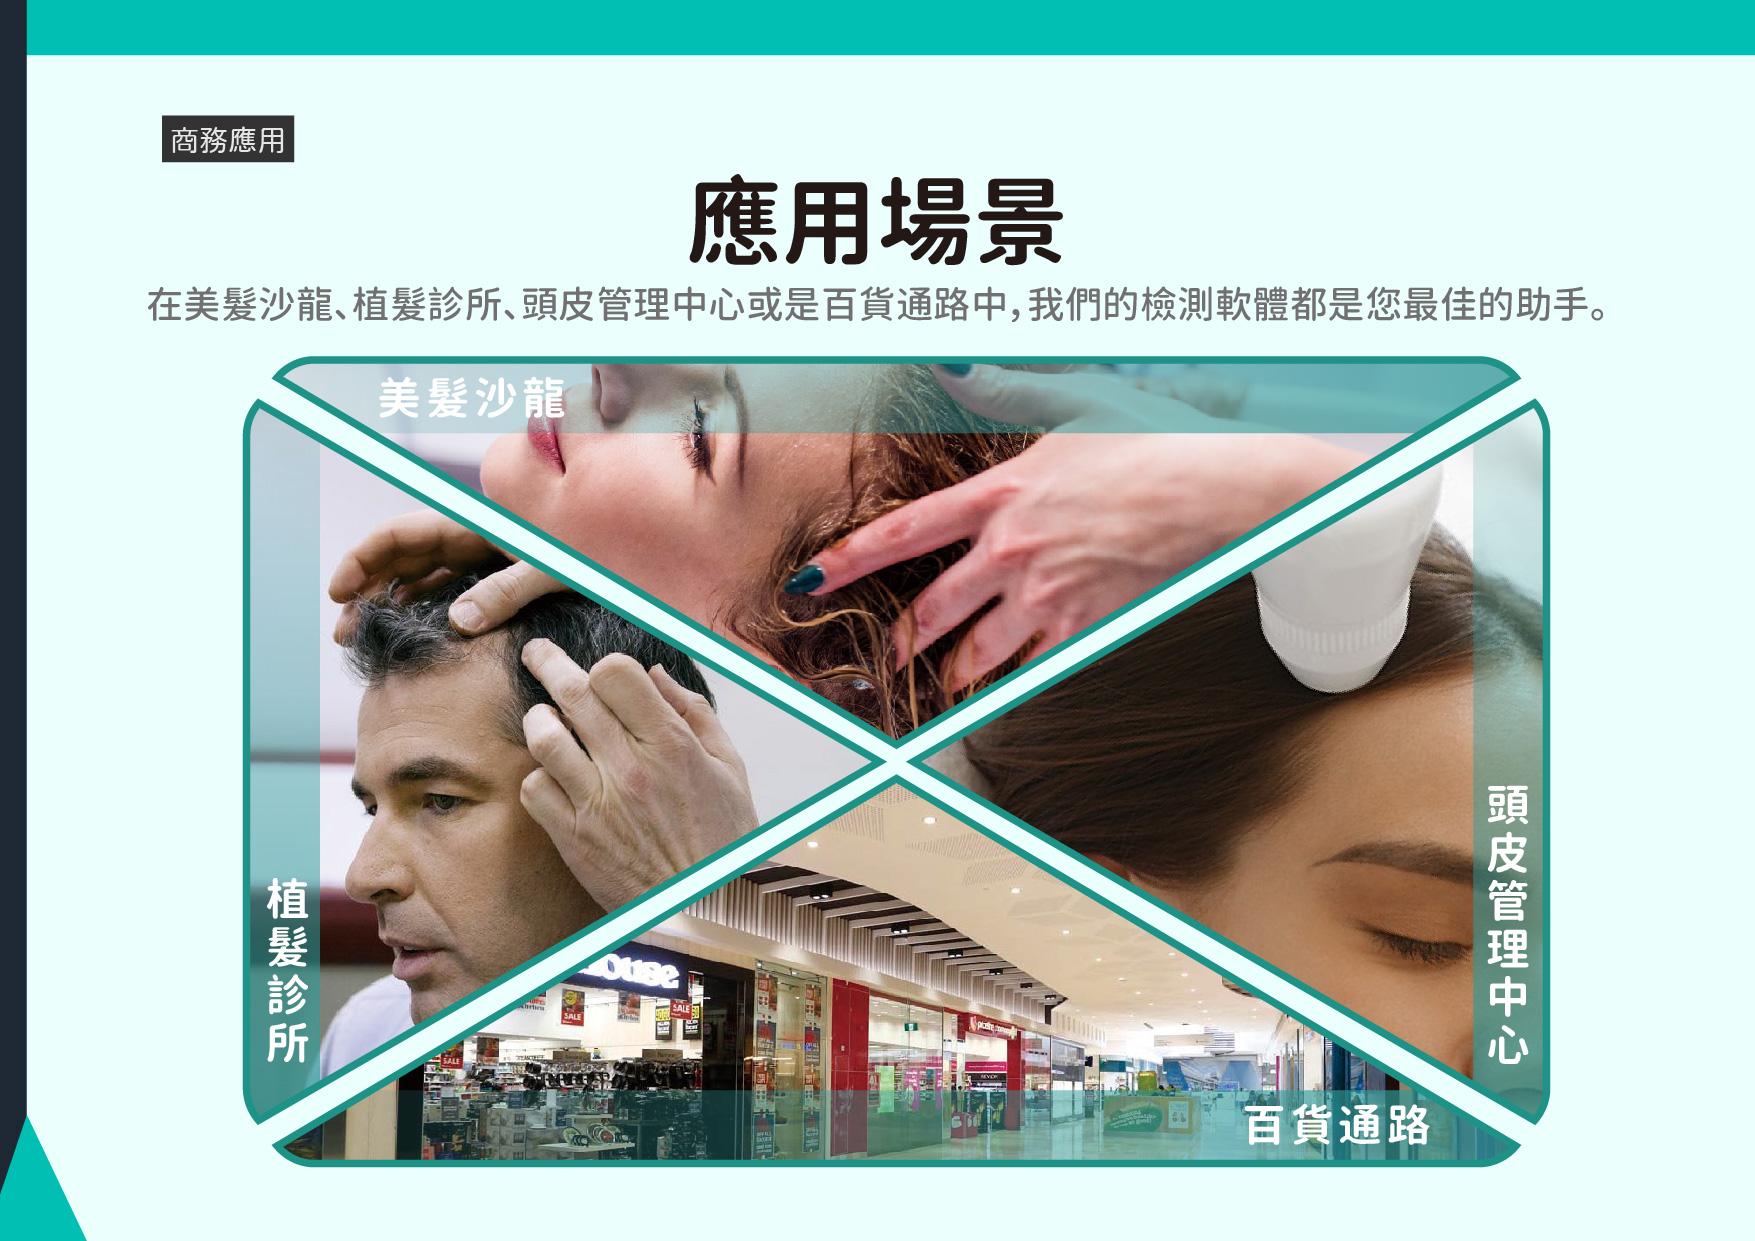 應用場景:在美髮沙龍、植髮診所、頭皮管理中心或是百貨通路中,我們的檢測軟體都是您最佳的助手。